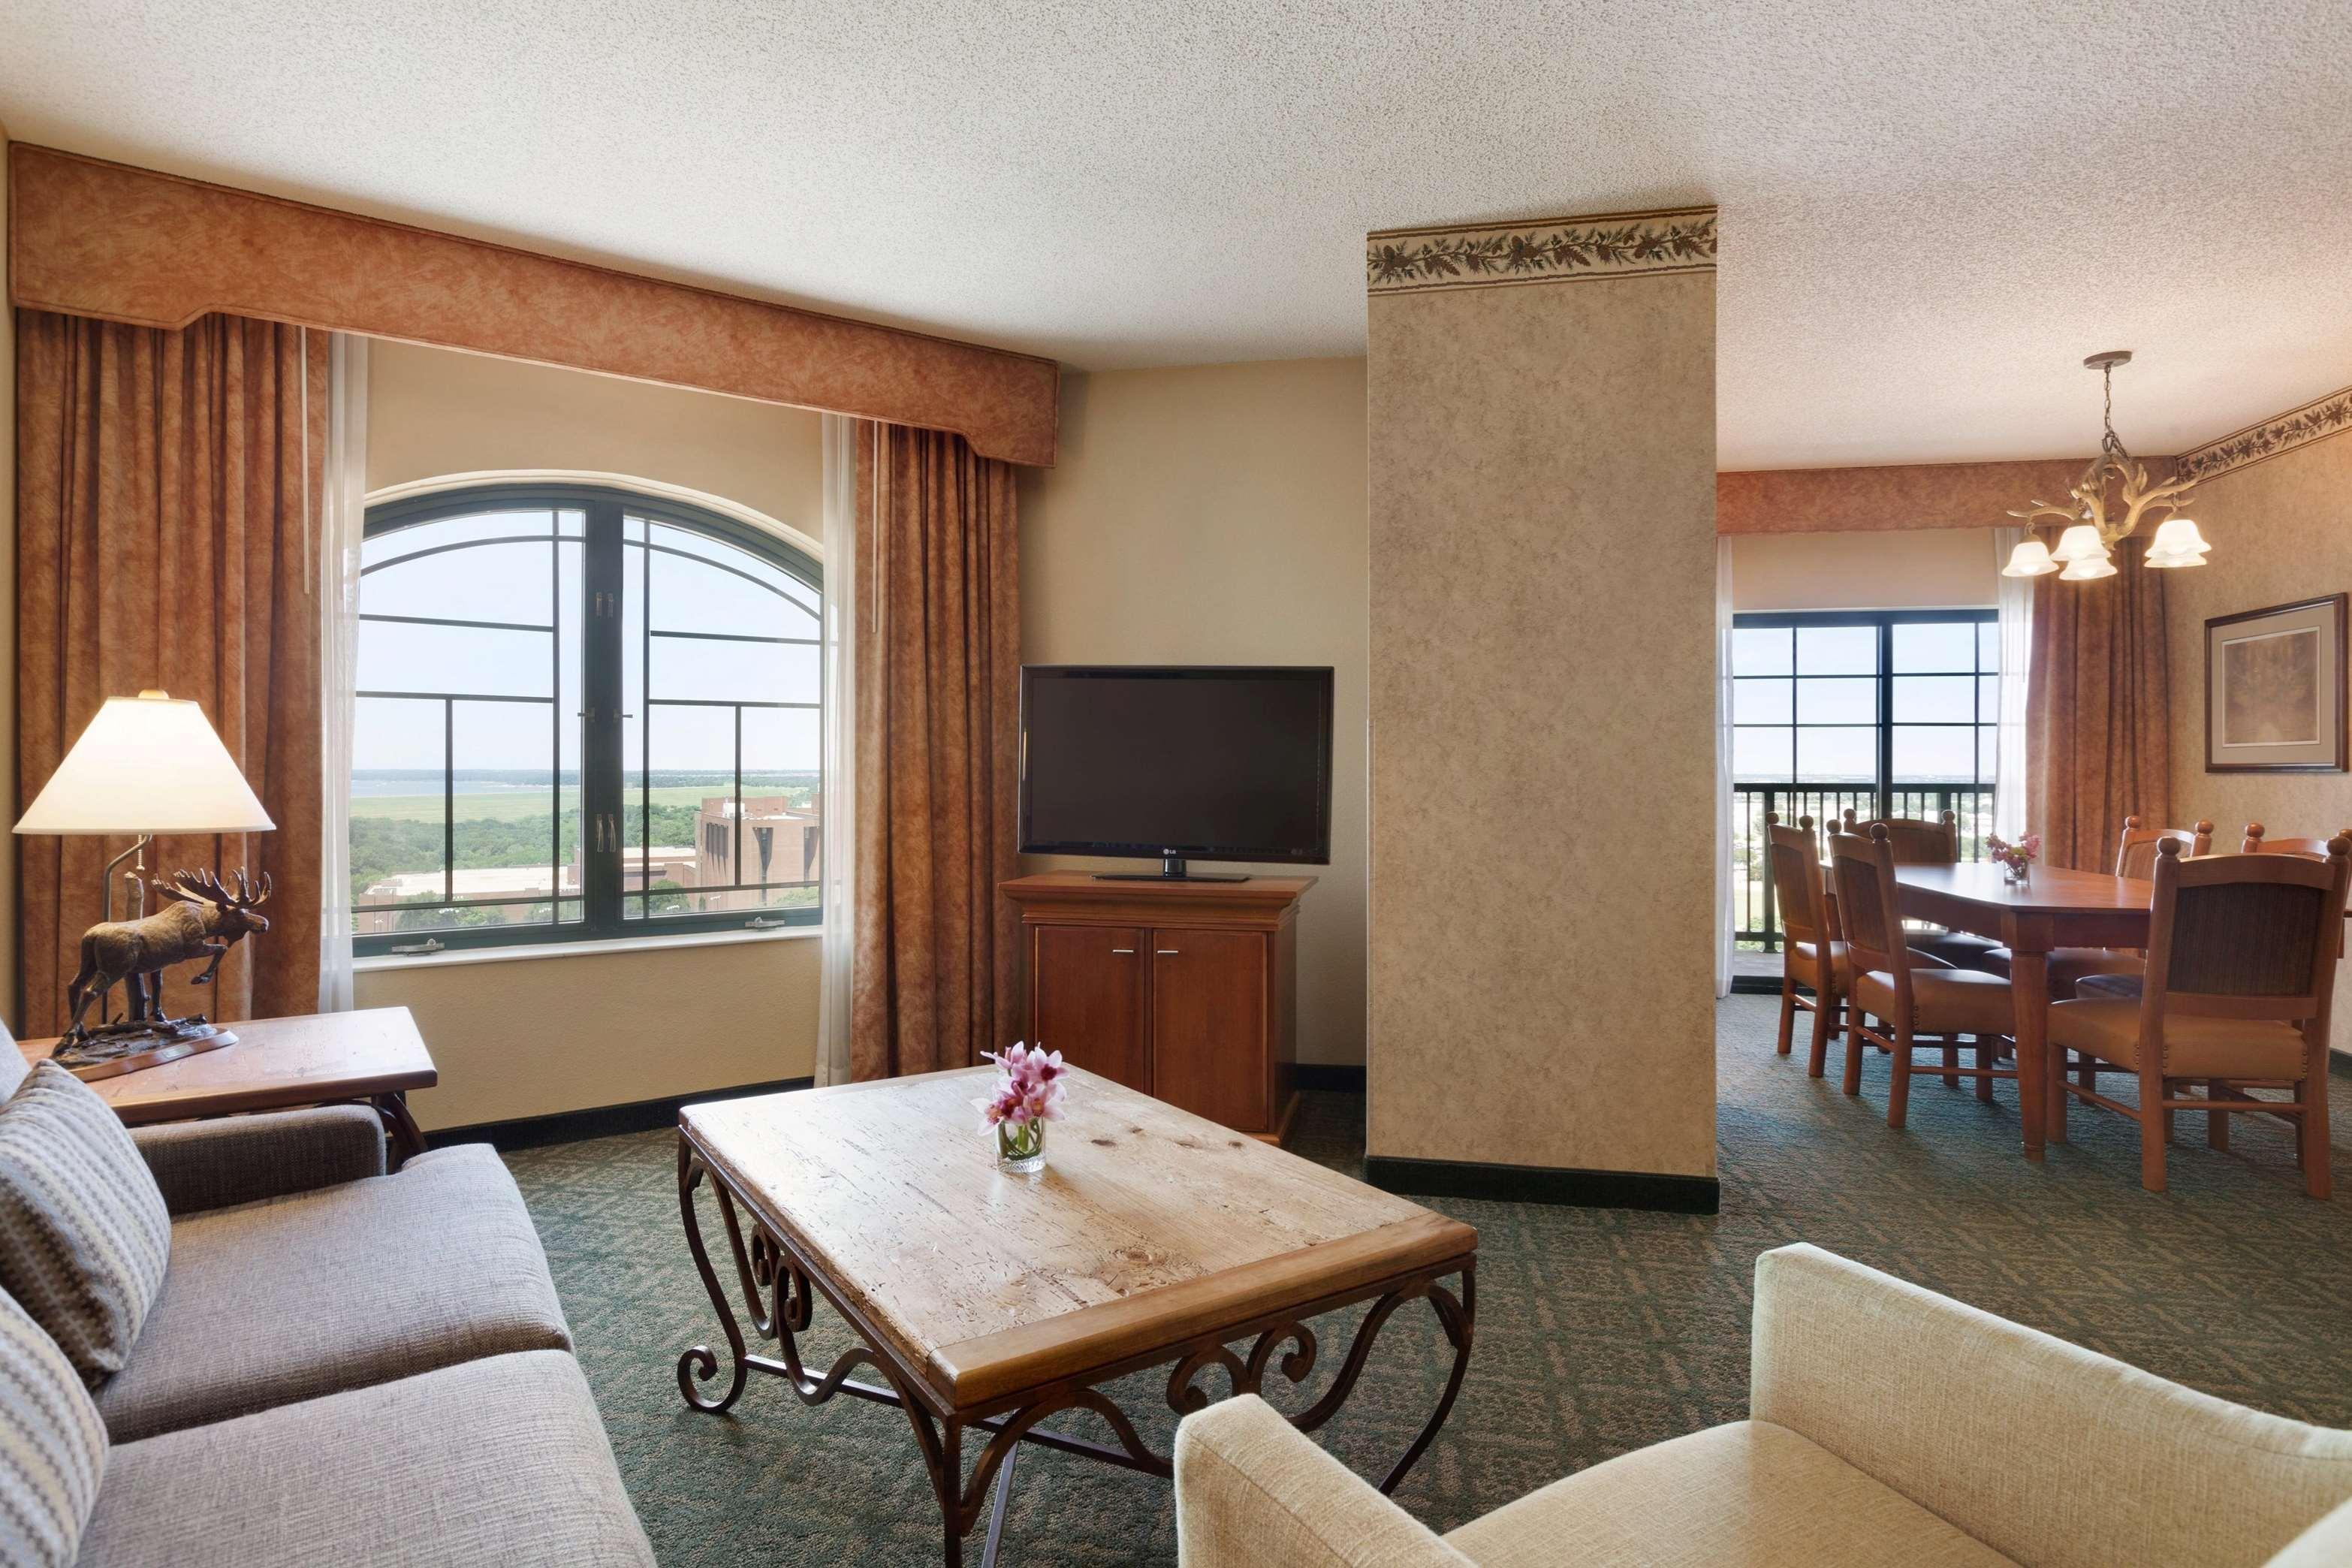 Comfort Inn Dallas Tx Near Dfw.Hilton Garden Inn DFW North Grapevine ...